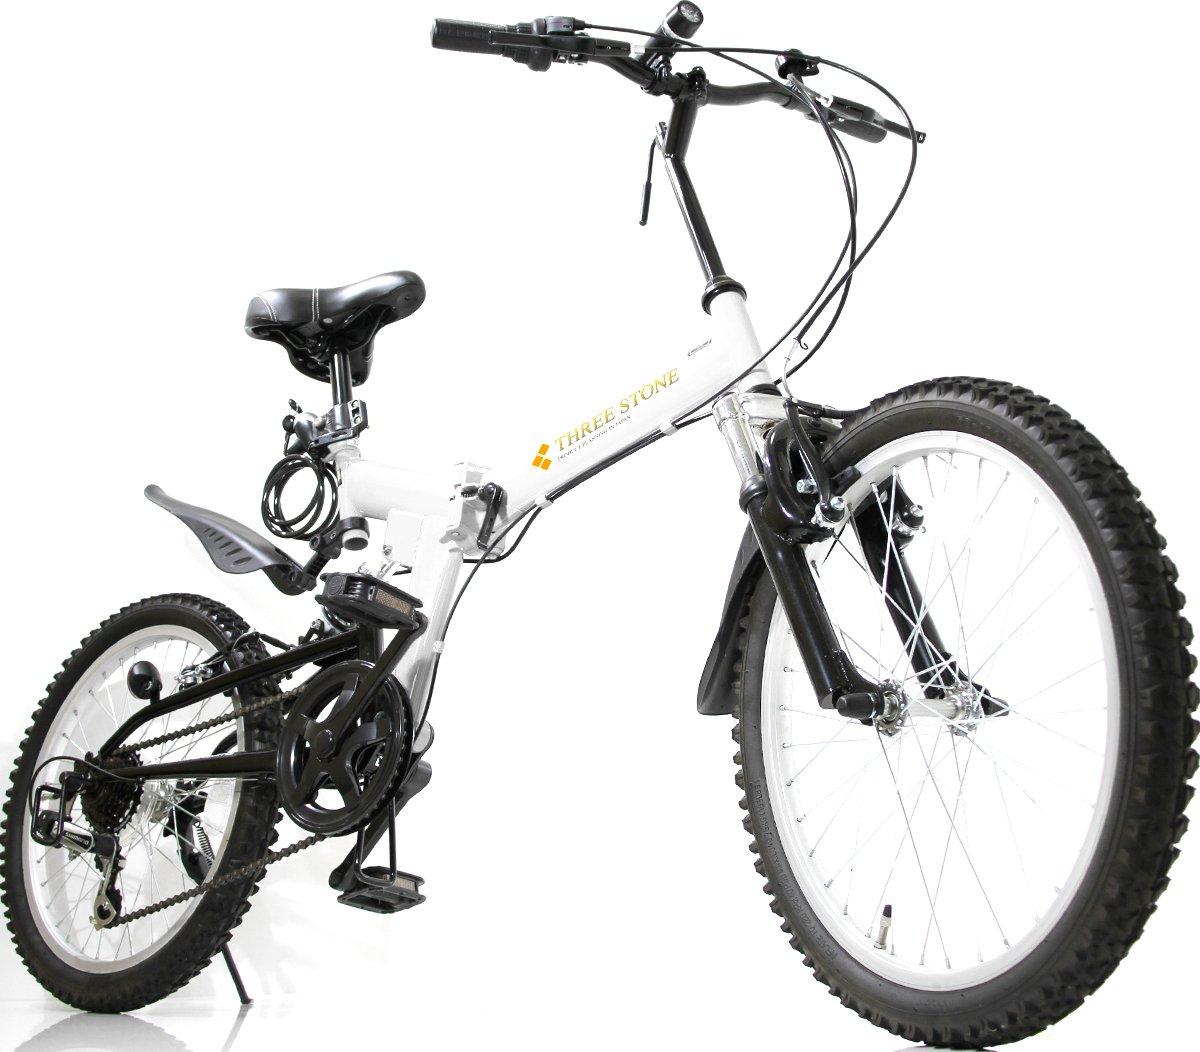 フルサスペンション マウンテンバイク 20インチ 折りたたみ自転車 AJ-01-T MTB シマノ6段外装ギア ダブルサス … B07CNW5JQ1 ホワイト ホワイト